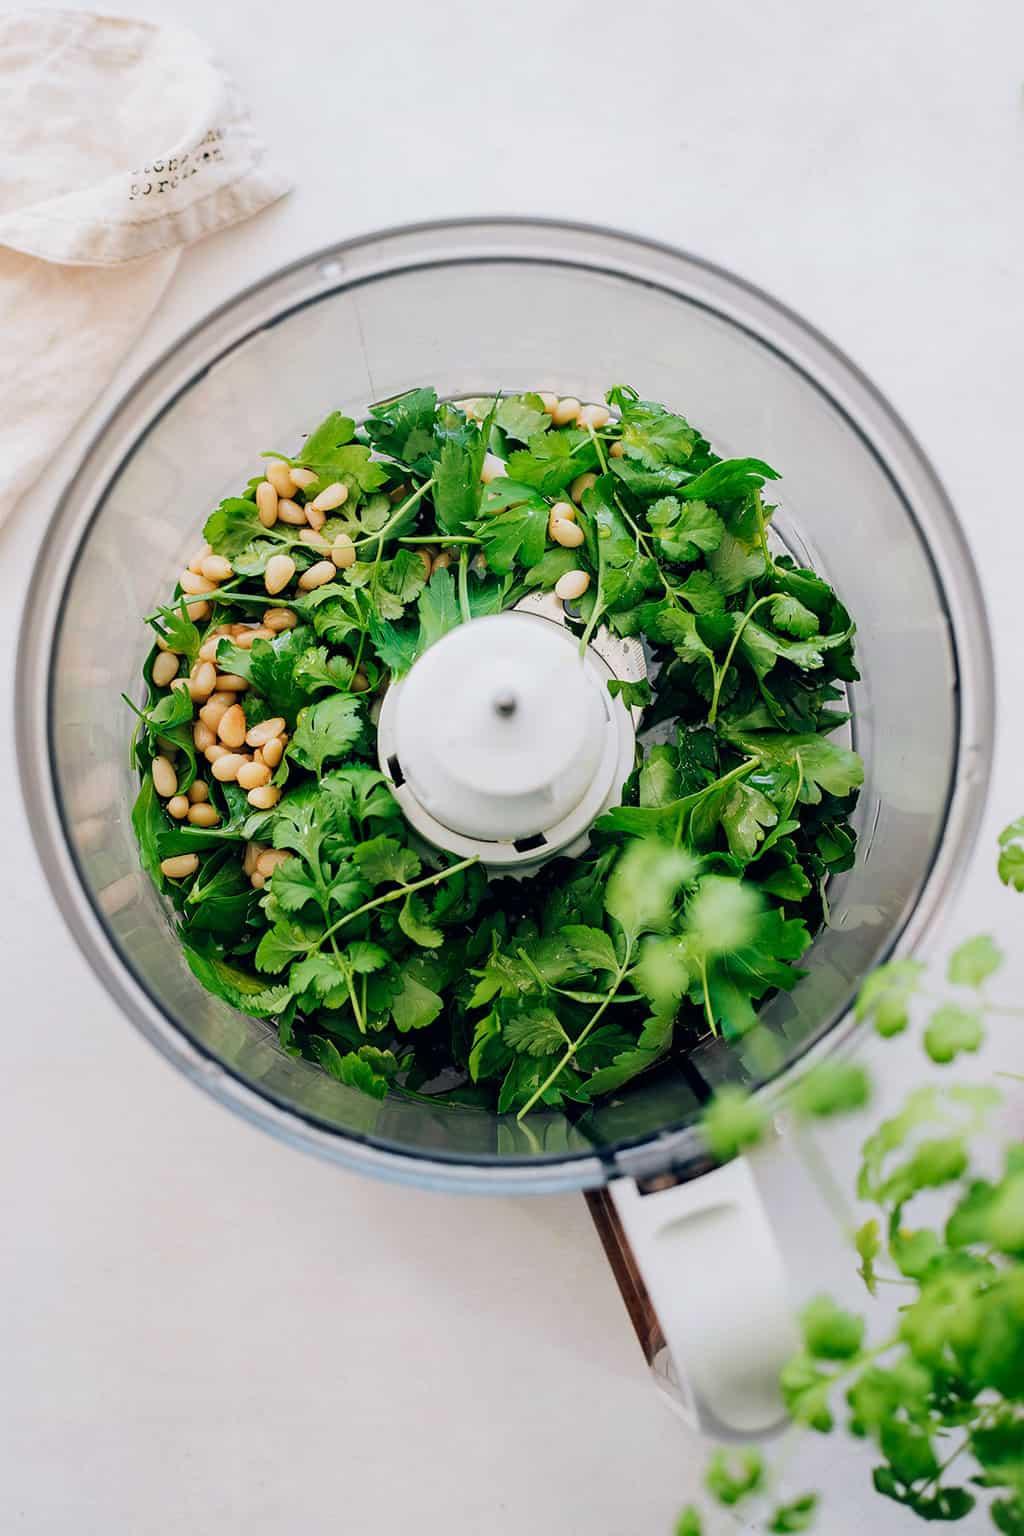 How to make detox cilantro pesto